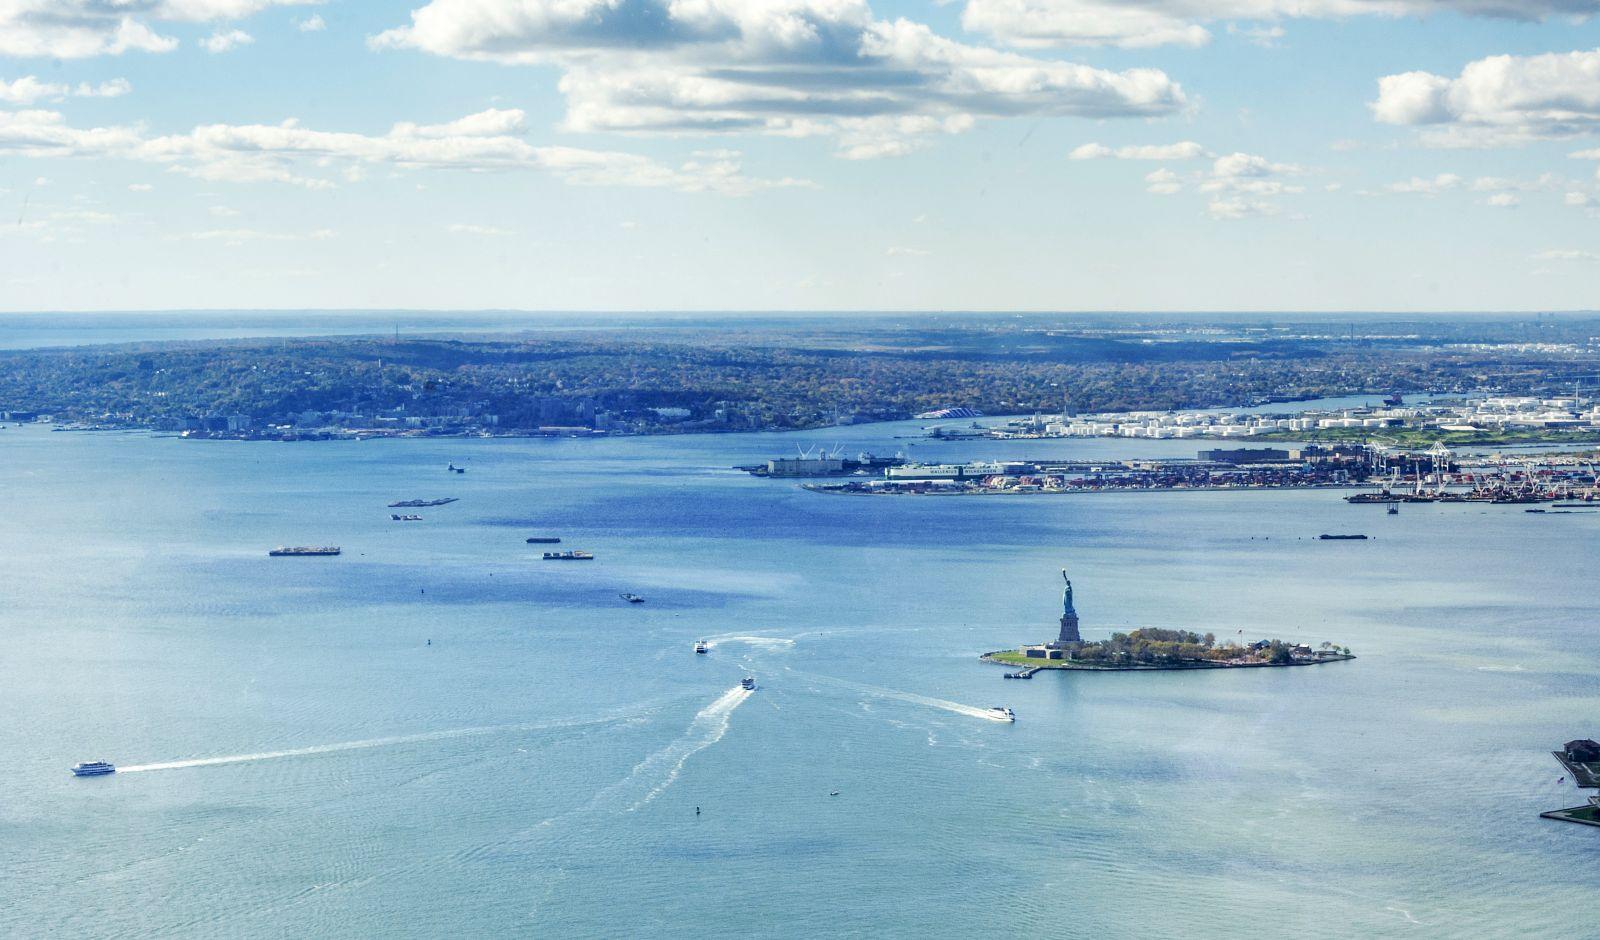 Wer an New York denkt, dem kommen zuerst Manhattan und Brooklyn in den Sinn. Staten Island, der kleinste und südlichste der fünf Stadtbezirke der Welthauptstadt, wird meist vergessen. Zu Unrecht.